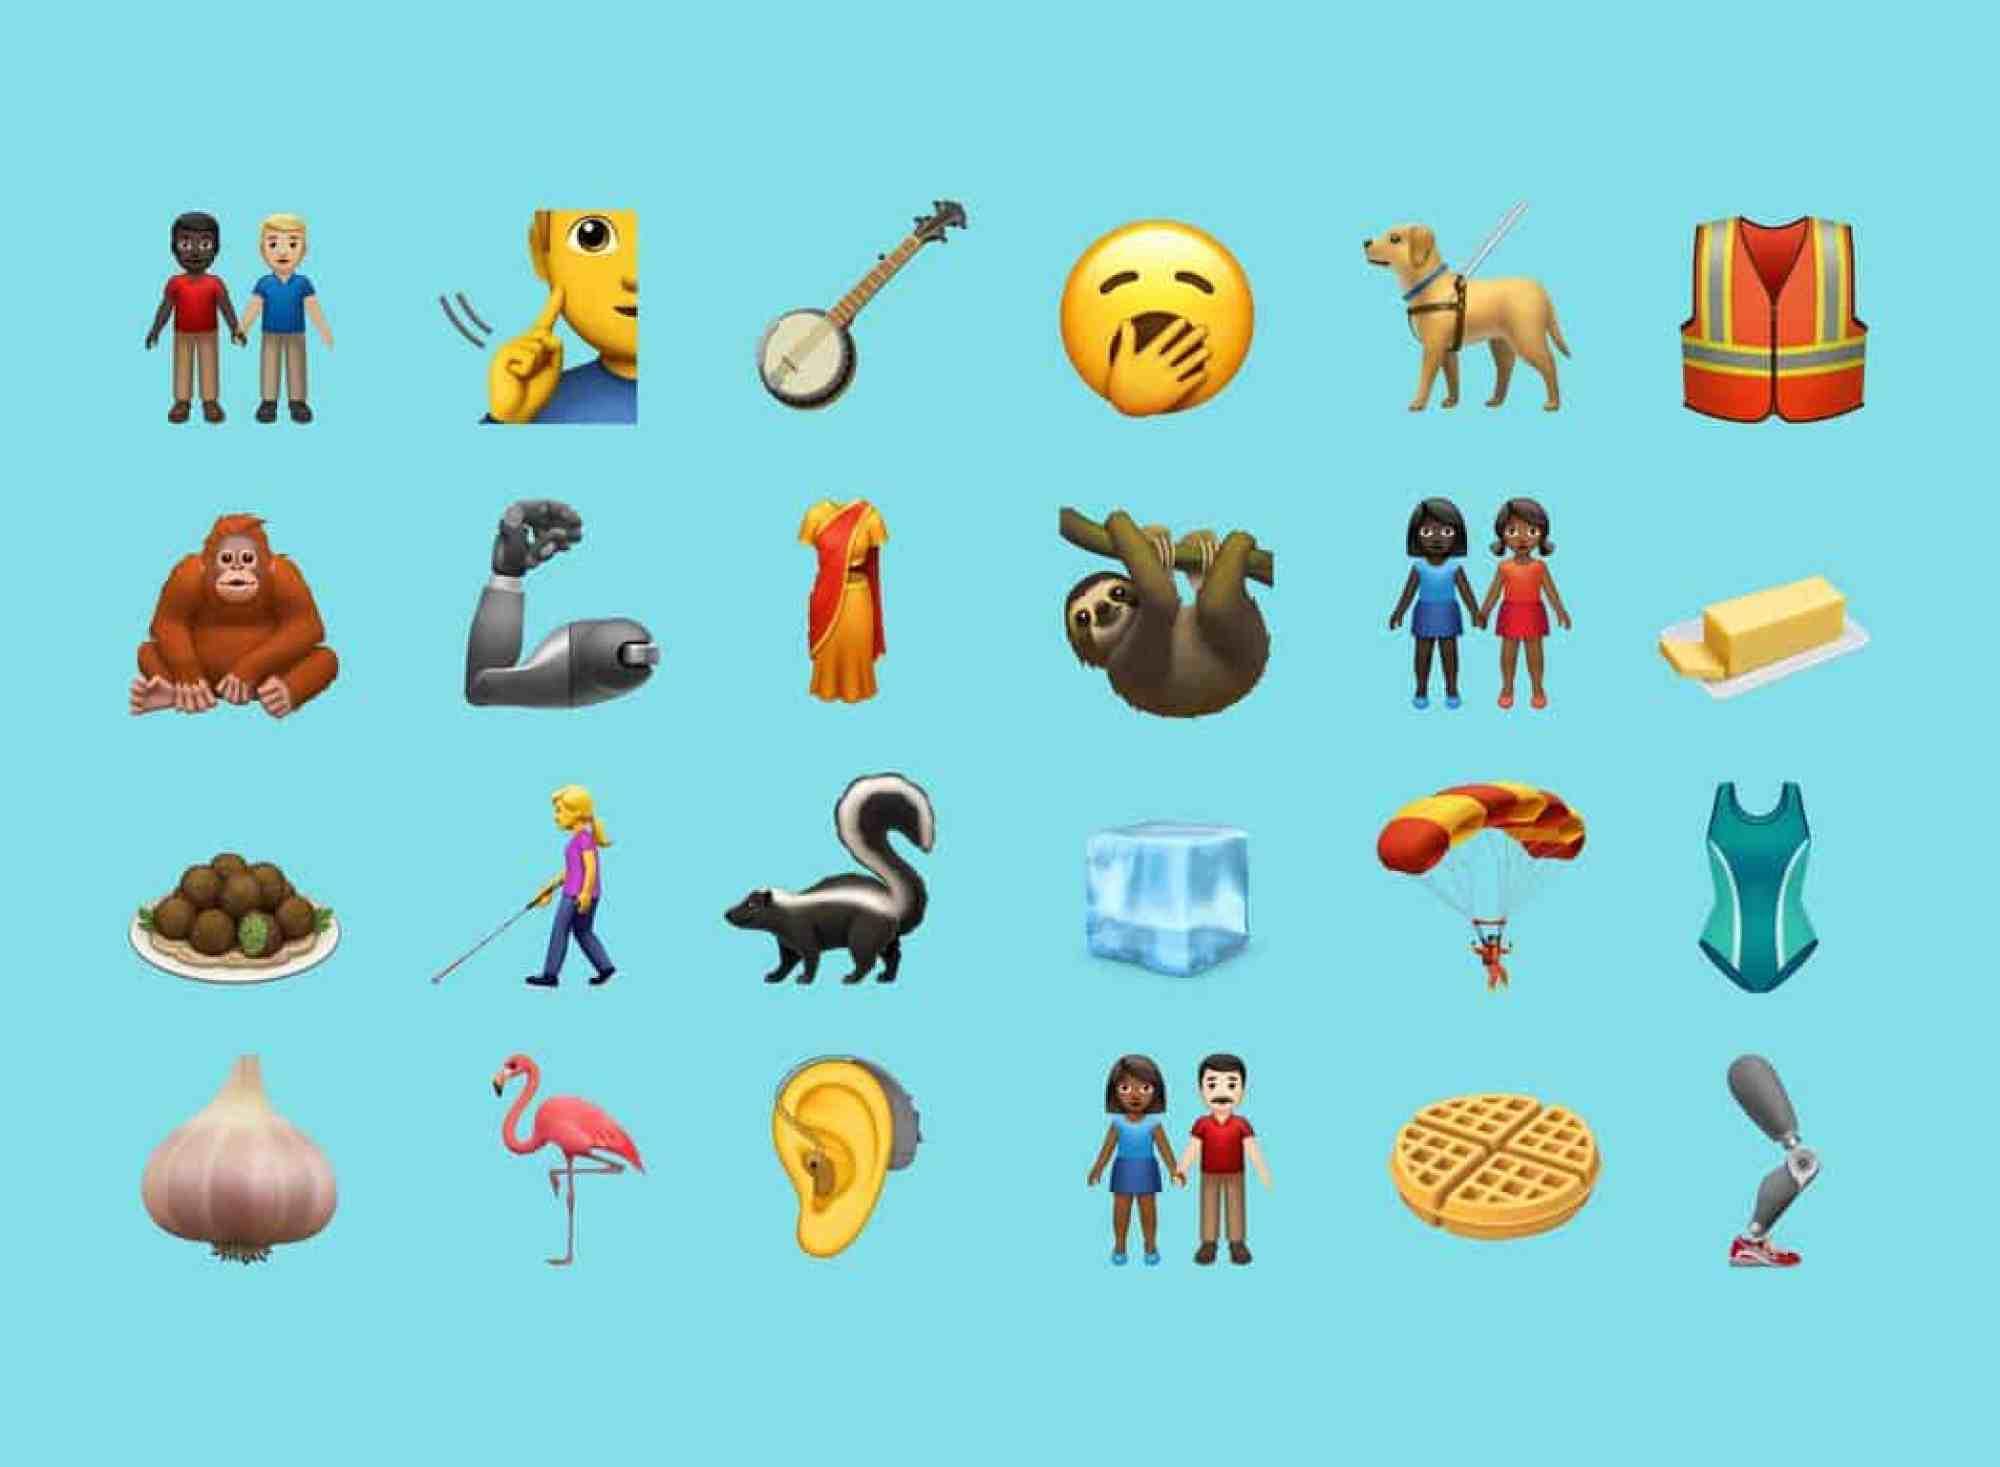 Opinion: Windows 10 Emojis need a Fluent Design Update